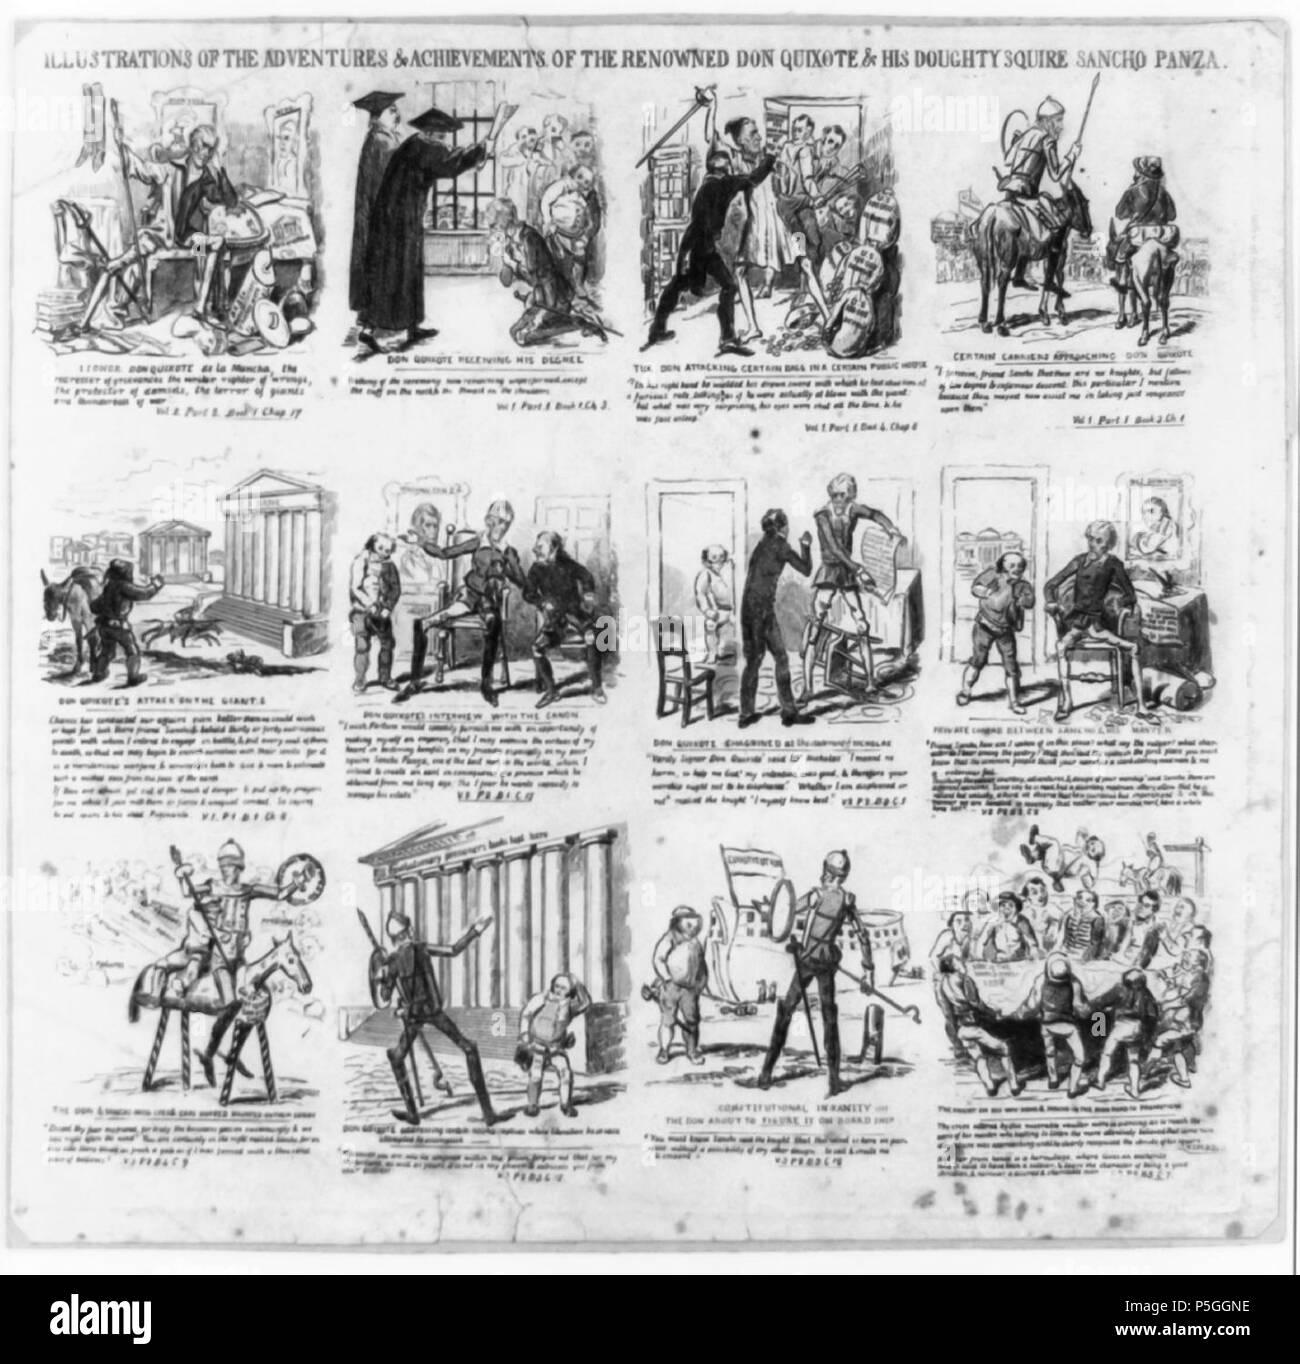 1837 DonQuixote byDClaypooleJohnston LibraryOfCongress. - Stock Image